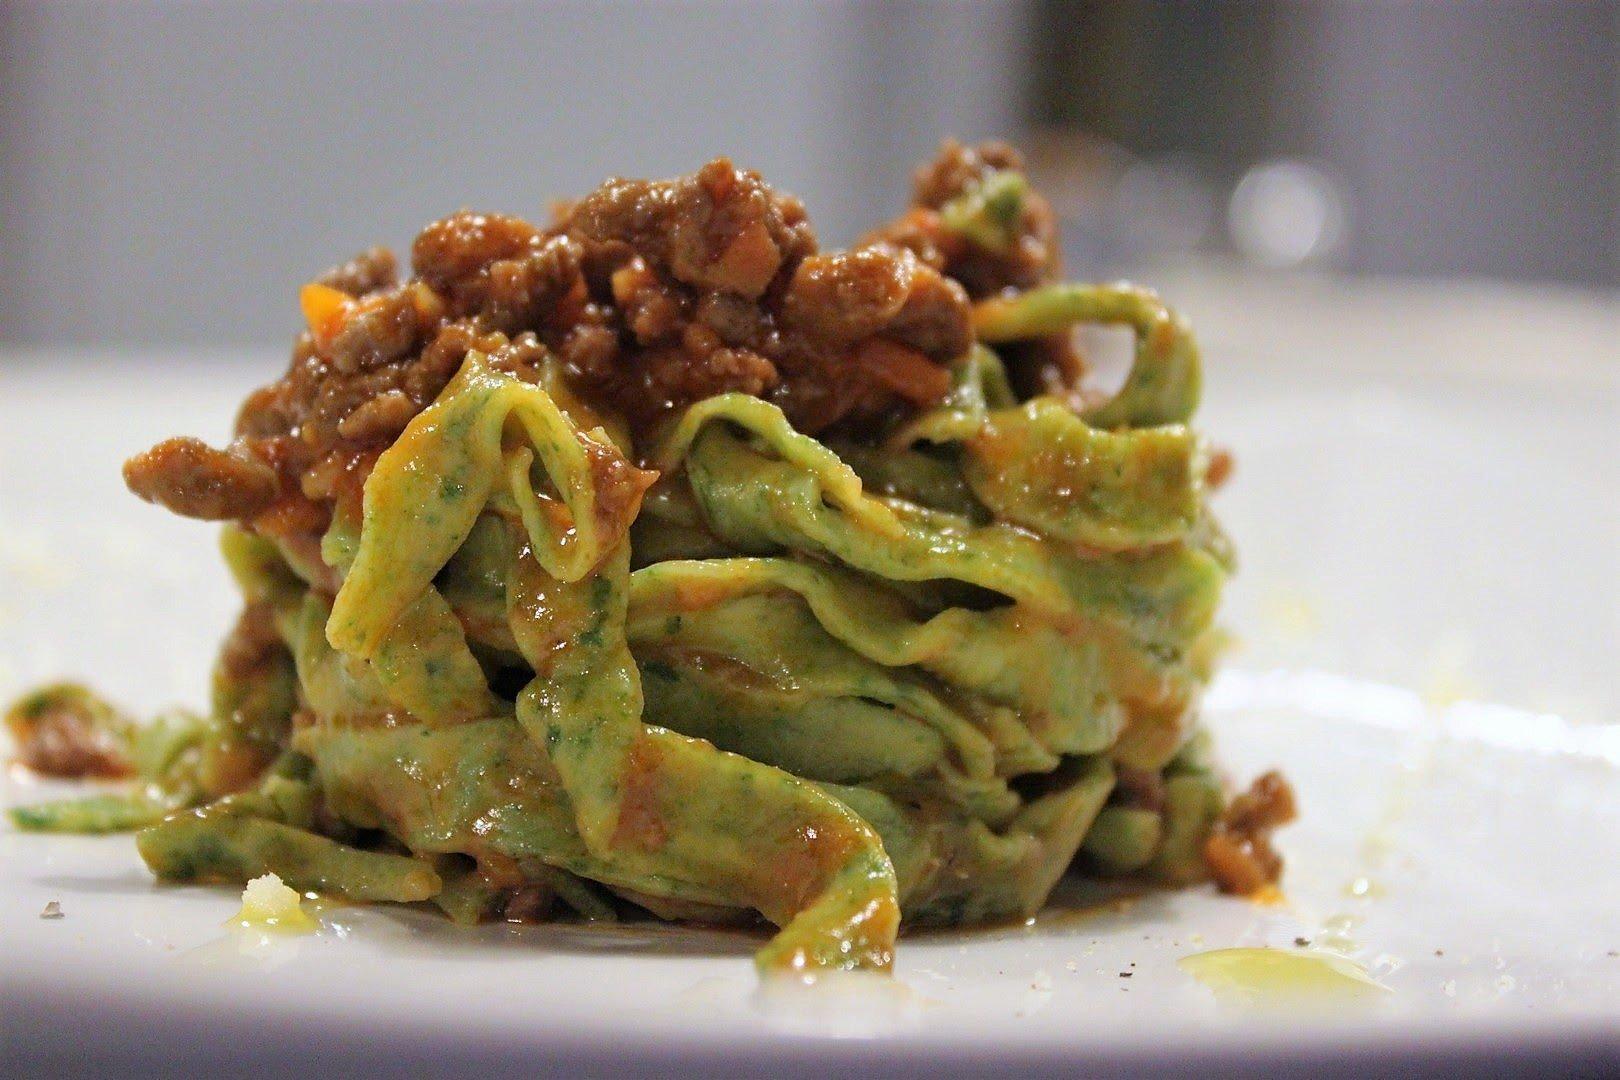 tagliatelle, Tagliatelle agli spinaci con ragù alla bolognese